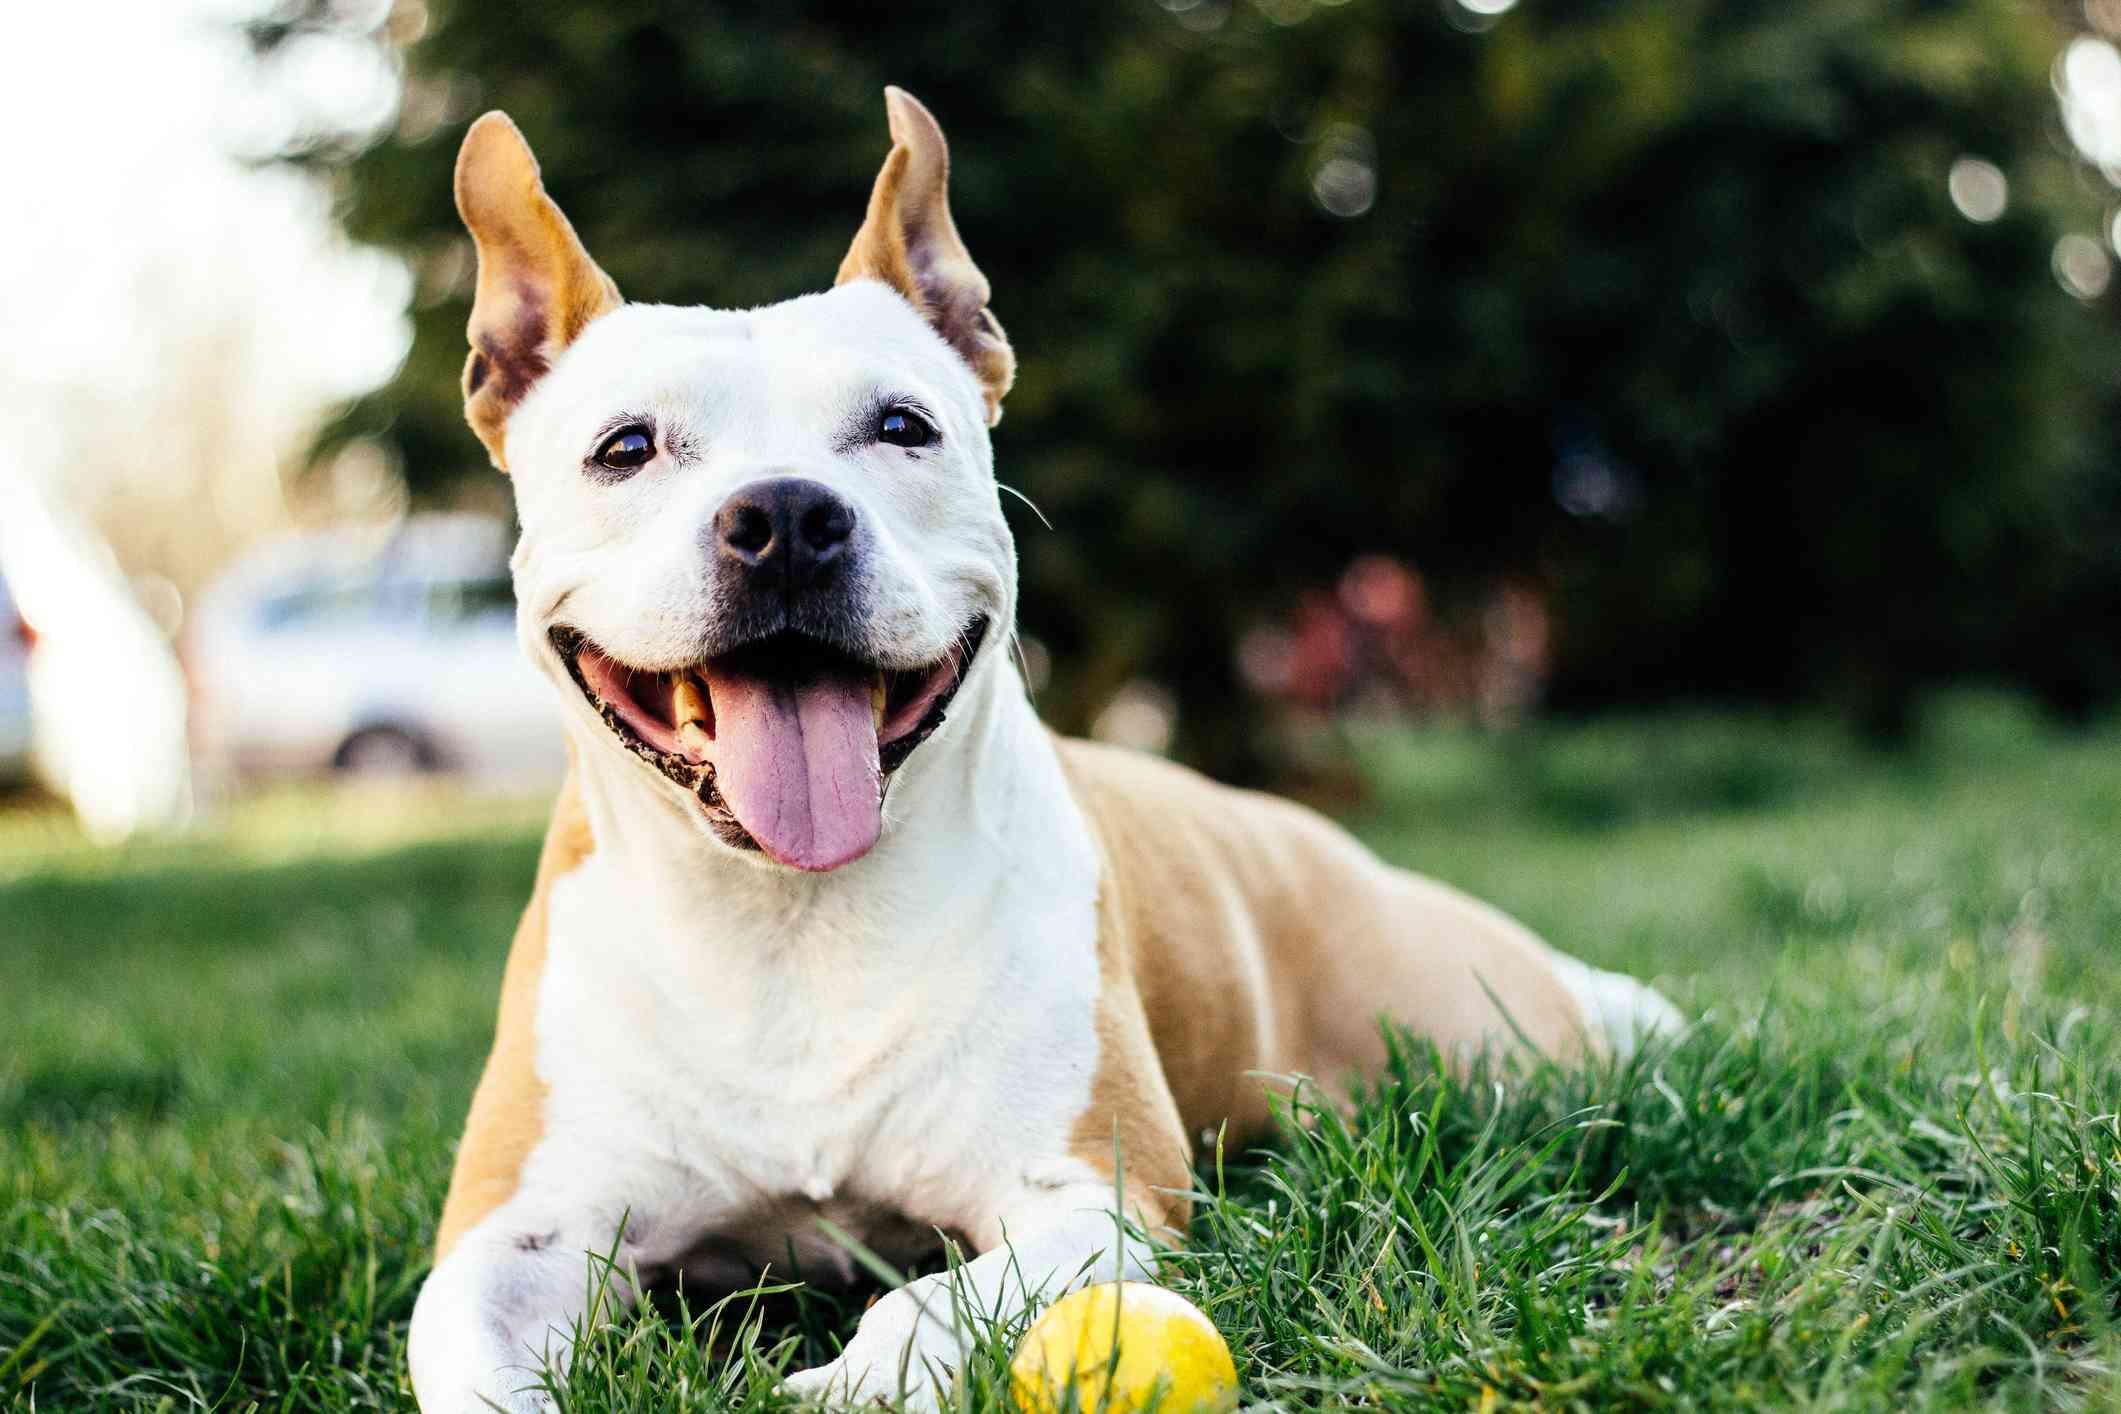 American pit bull de Staffordshire sonriendo a la cámara afuera , Cerca de Pug con la lengua colgando , Puntero alemán de pelo corto en el pasillo; perro de compañía GSP , Retrato cercano de perro maltés , Un perro salchicha en una silla , Caniche albaricoque corriendo a través de la hierba , Un terrier de Boston en una silla